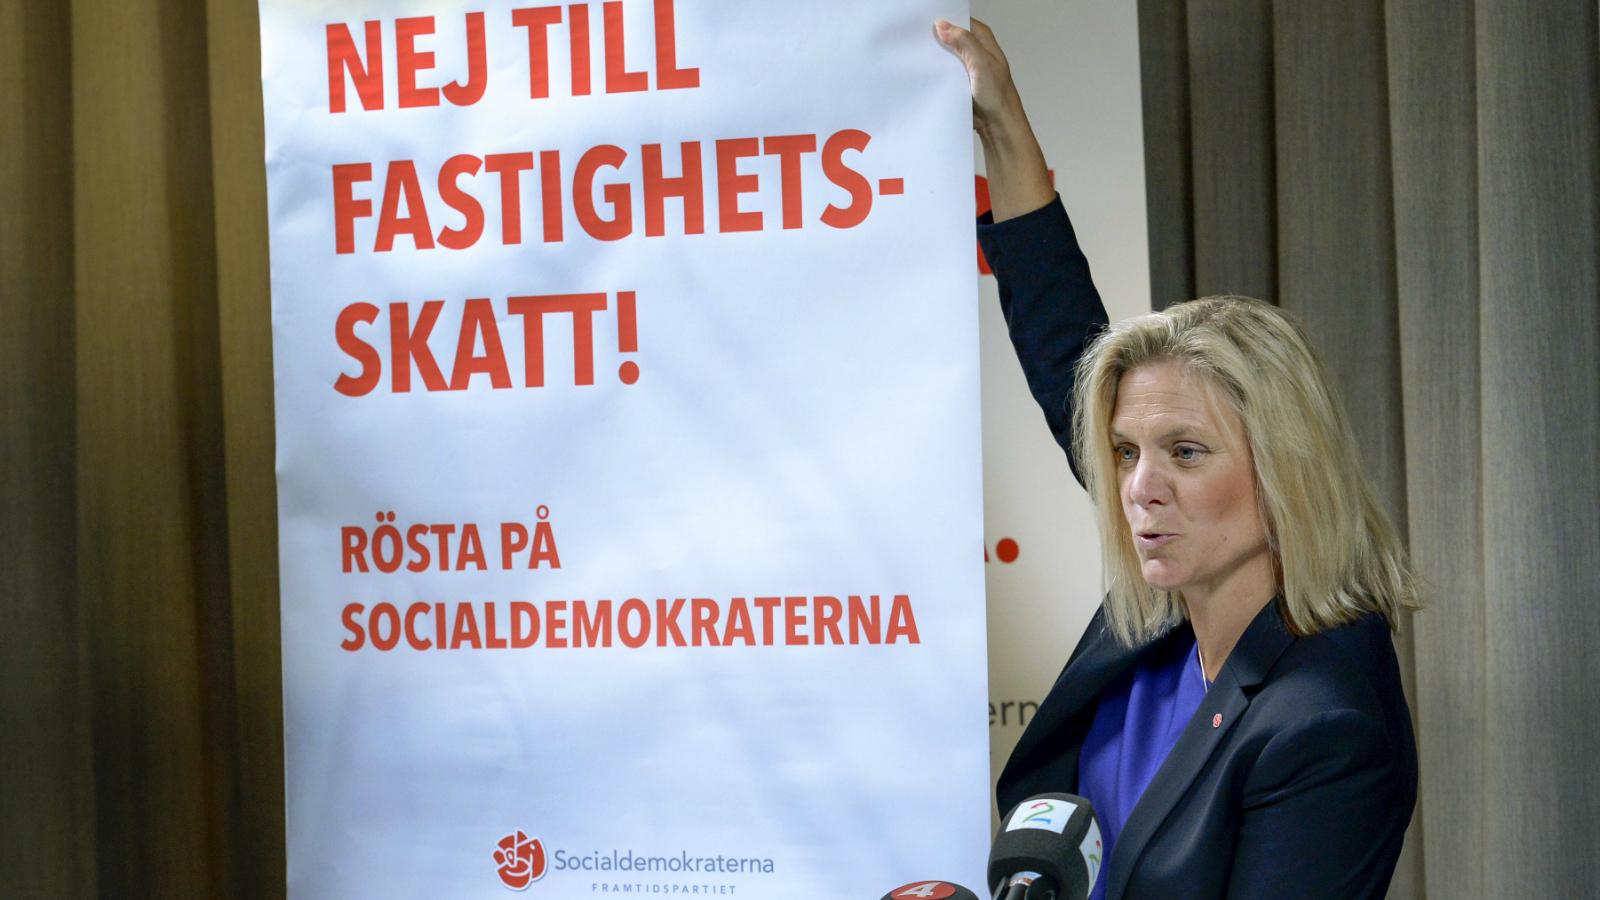 Socialdemokraternas fastighetsskatt 2